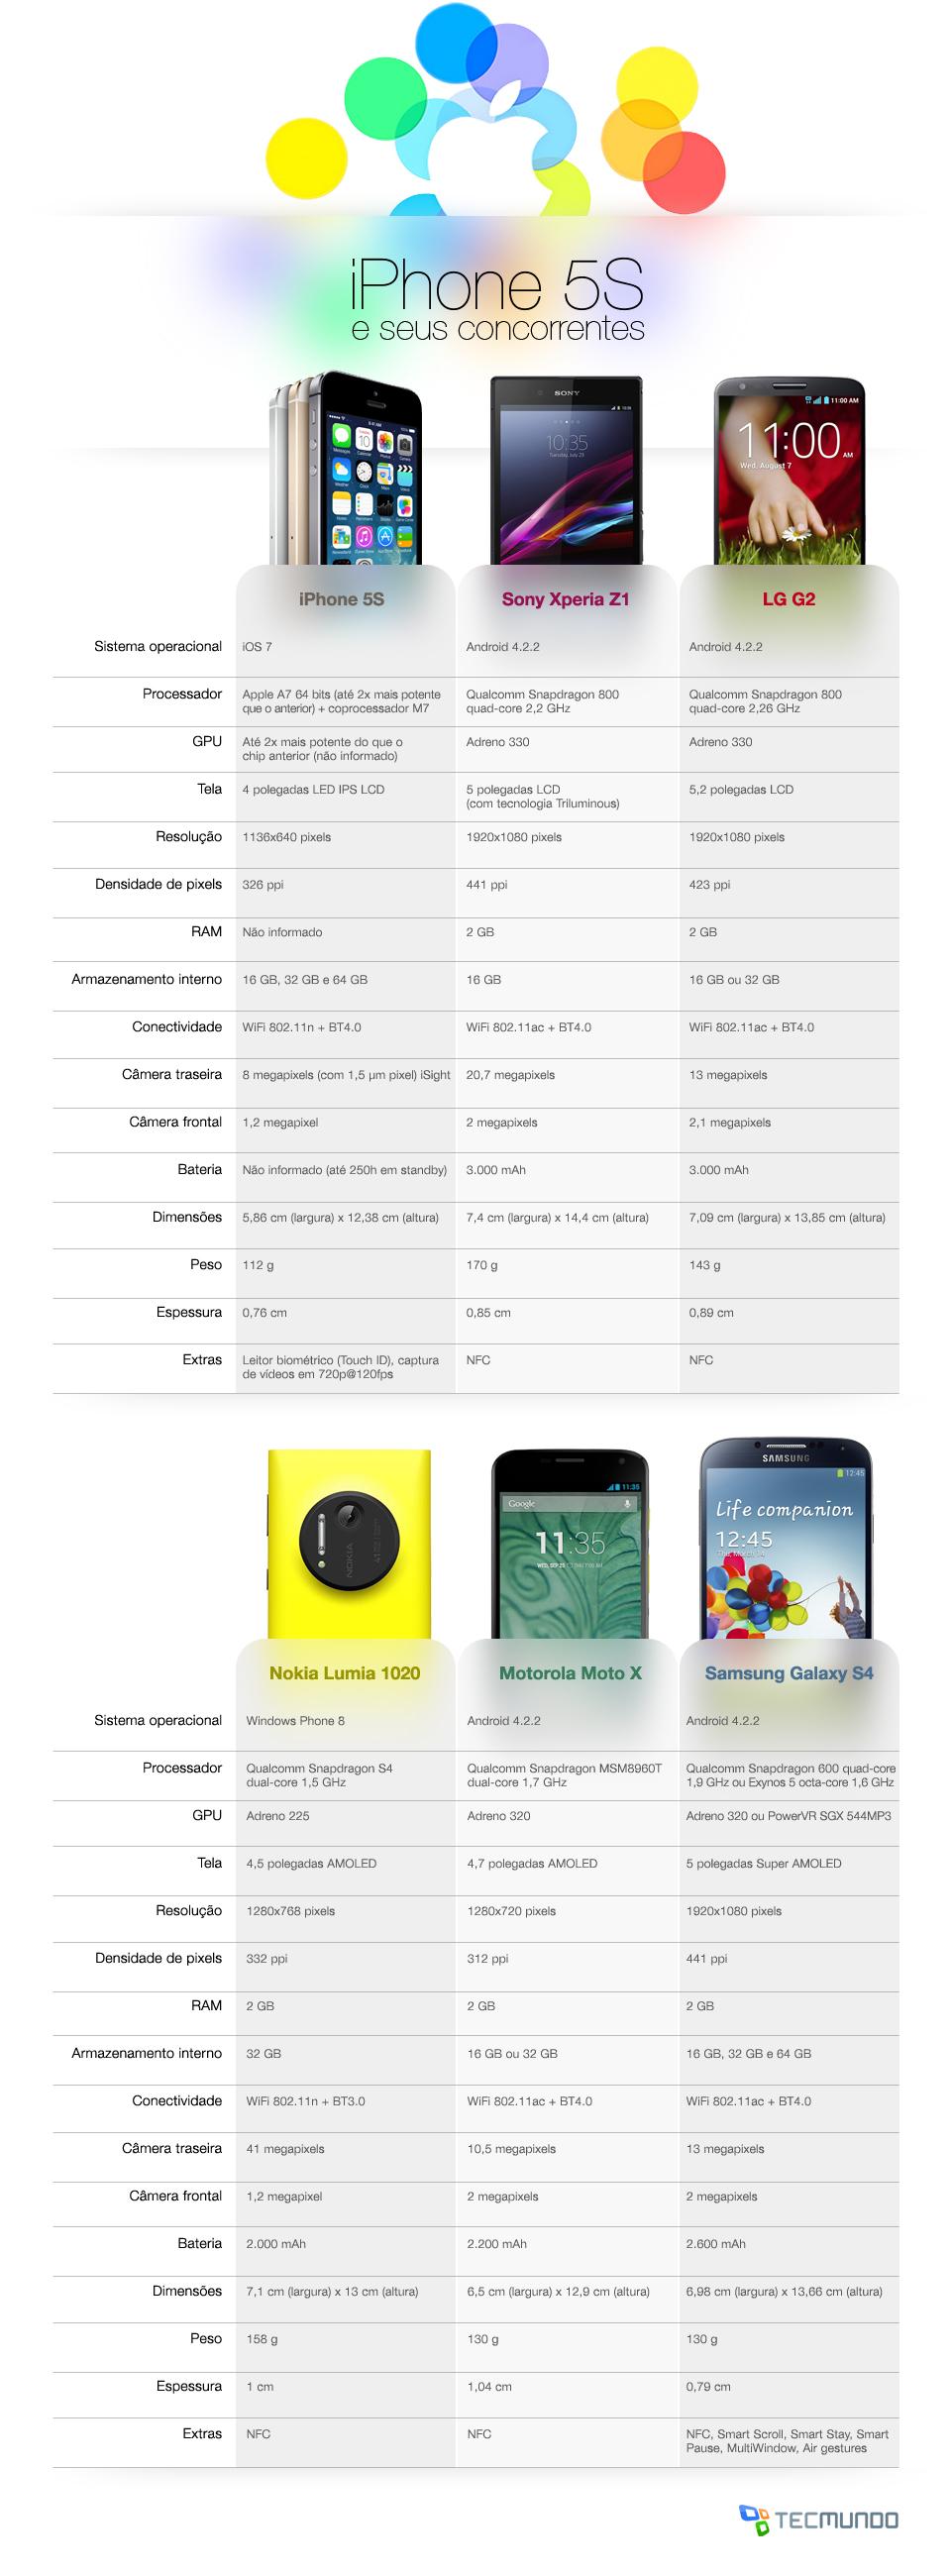 Comparação: iPhone 5S contra os principais smartphones do mercado